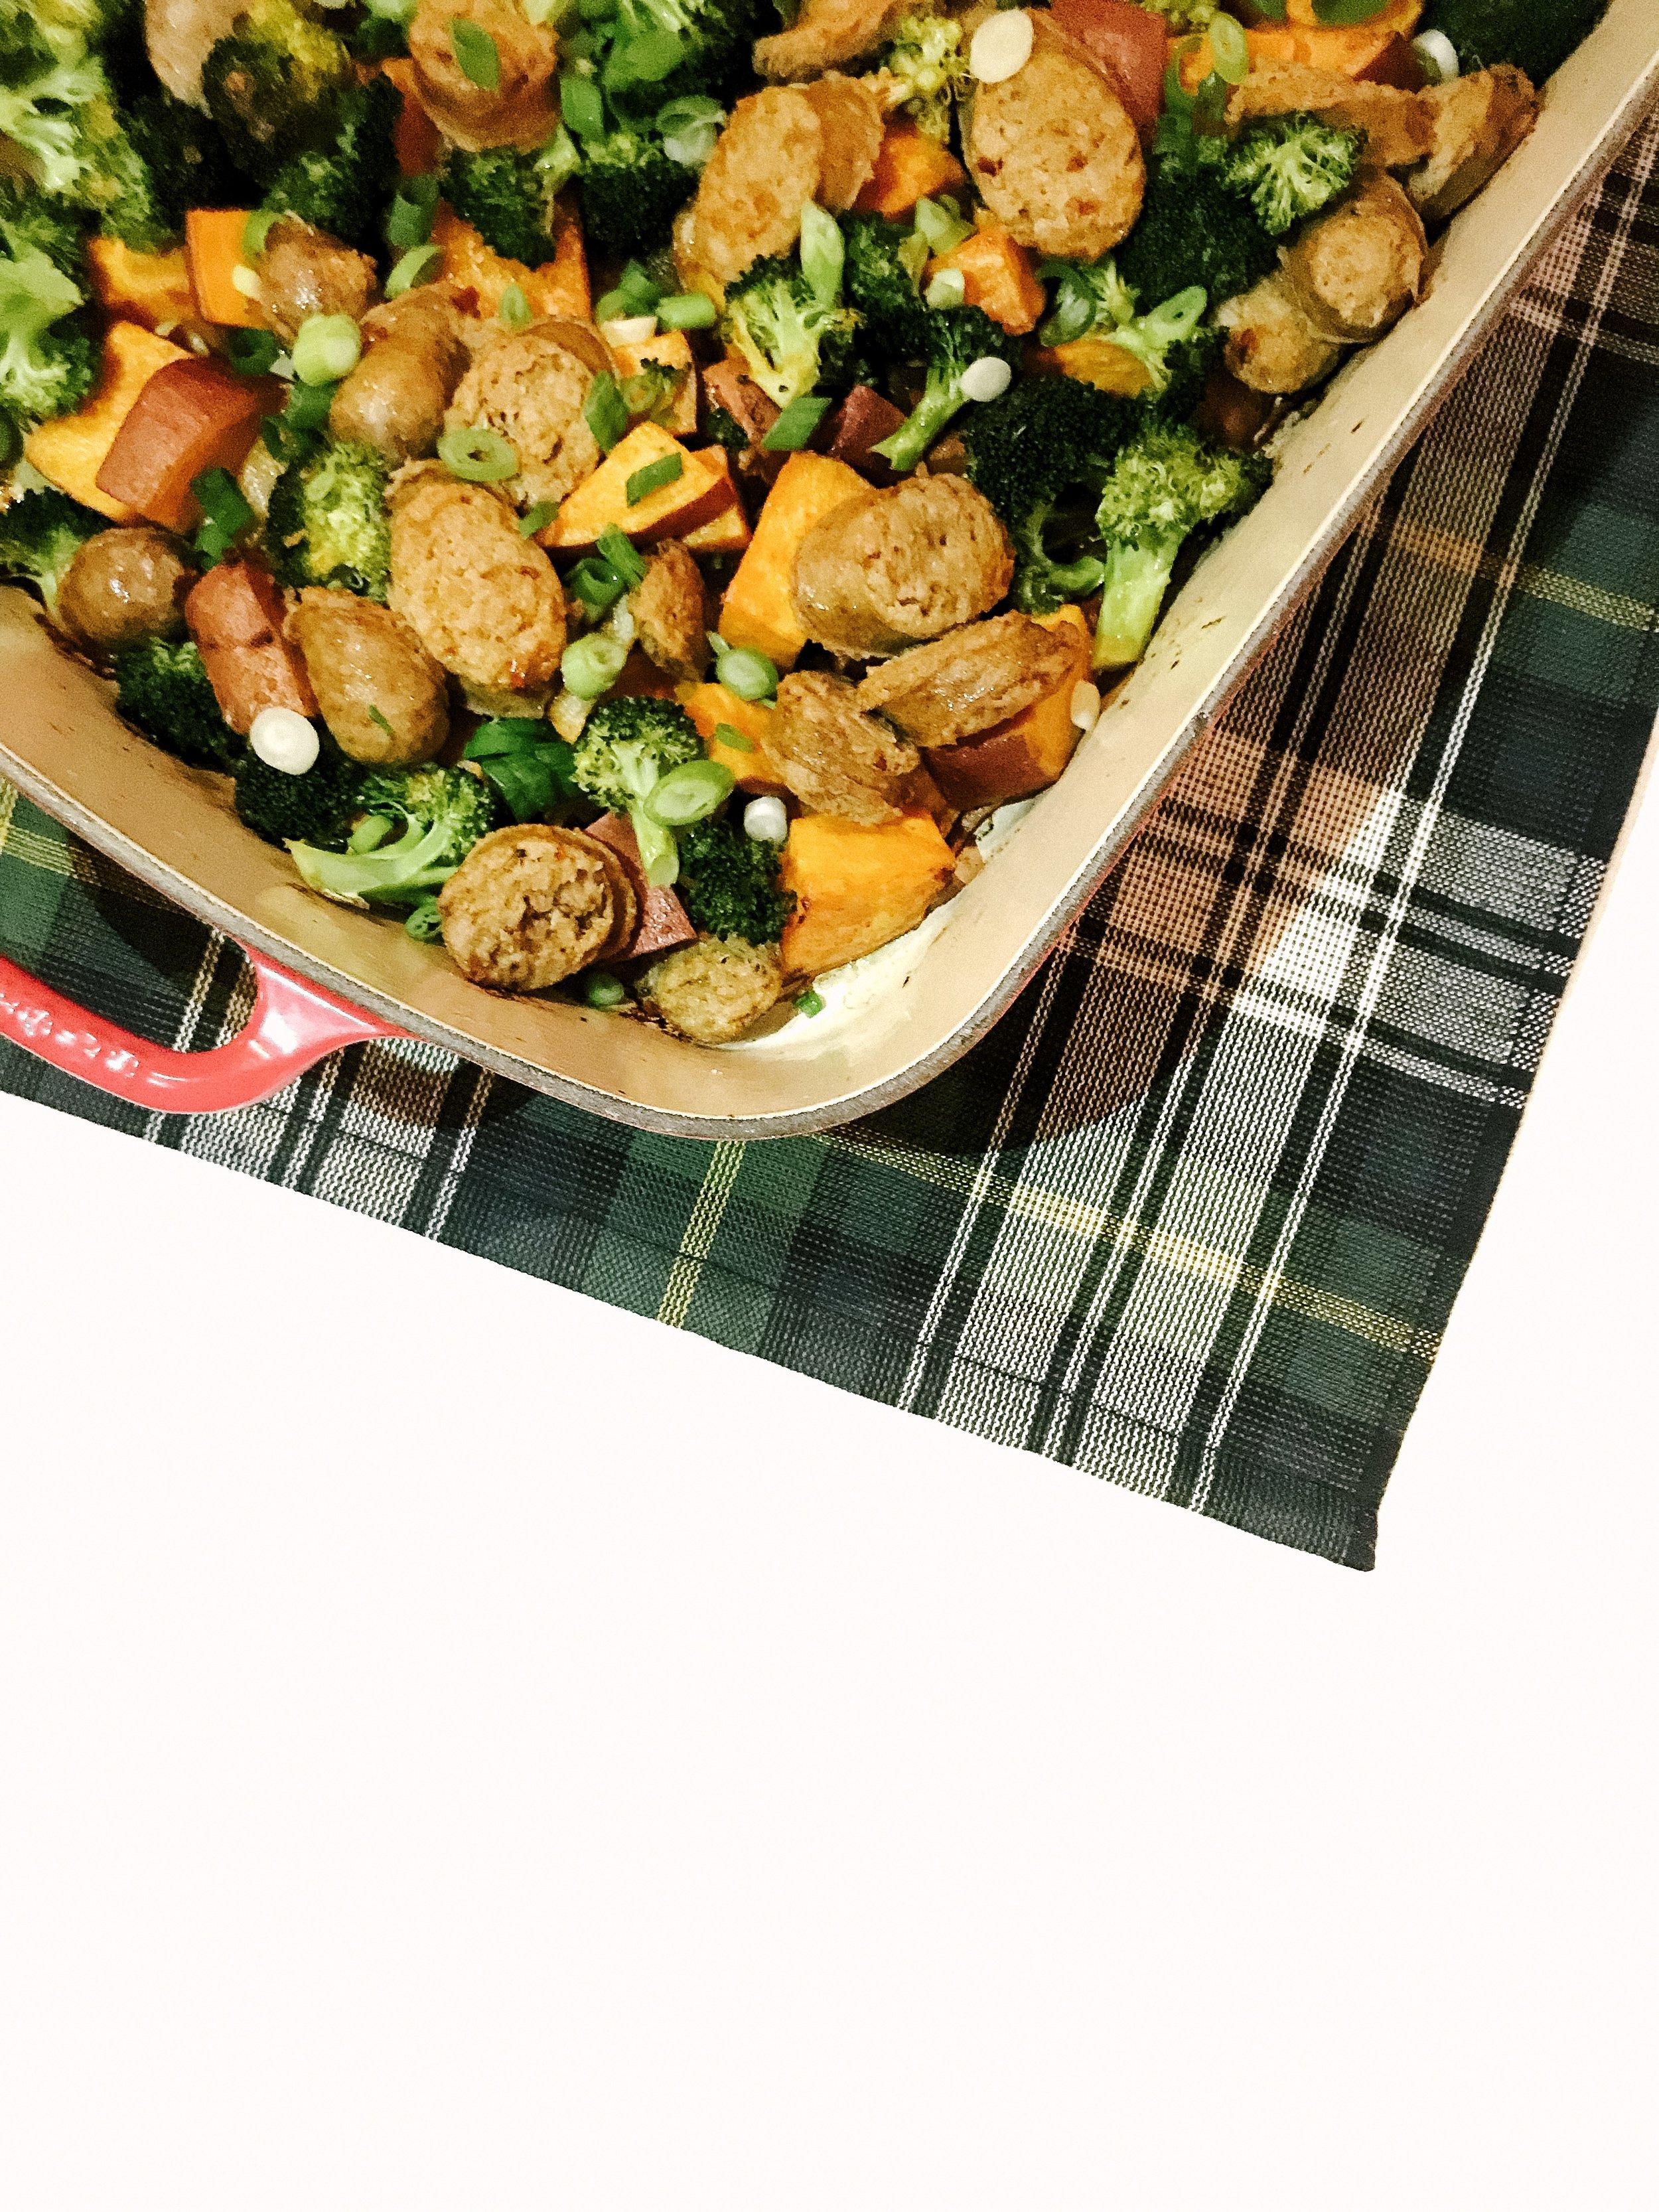 Spicy Sausage & Veggie Casserole (Paleo, Gluten-Free & Dairy-Free Family Dinner)